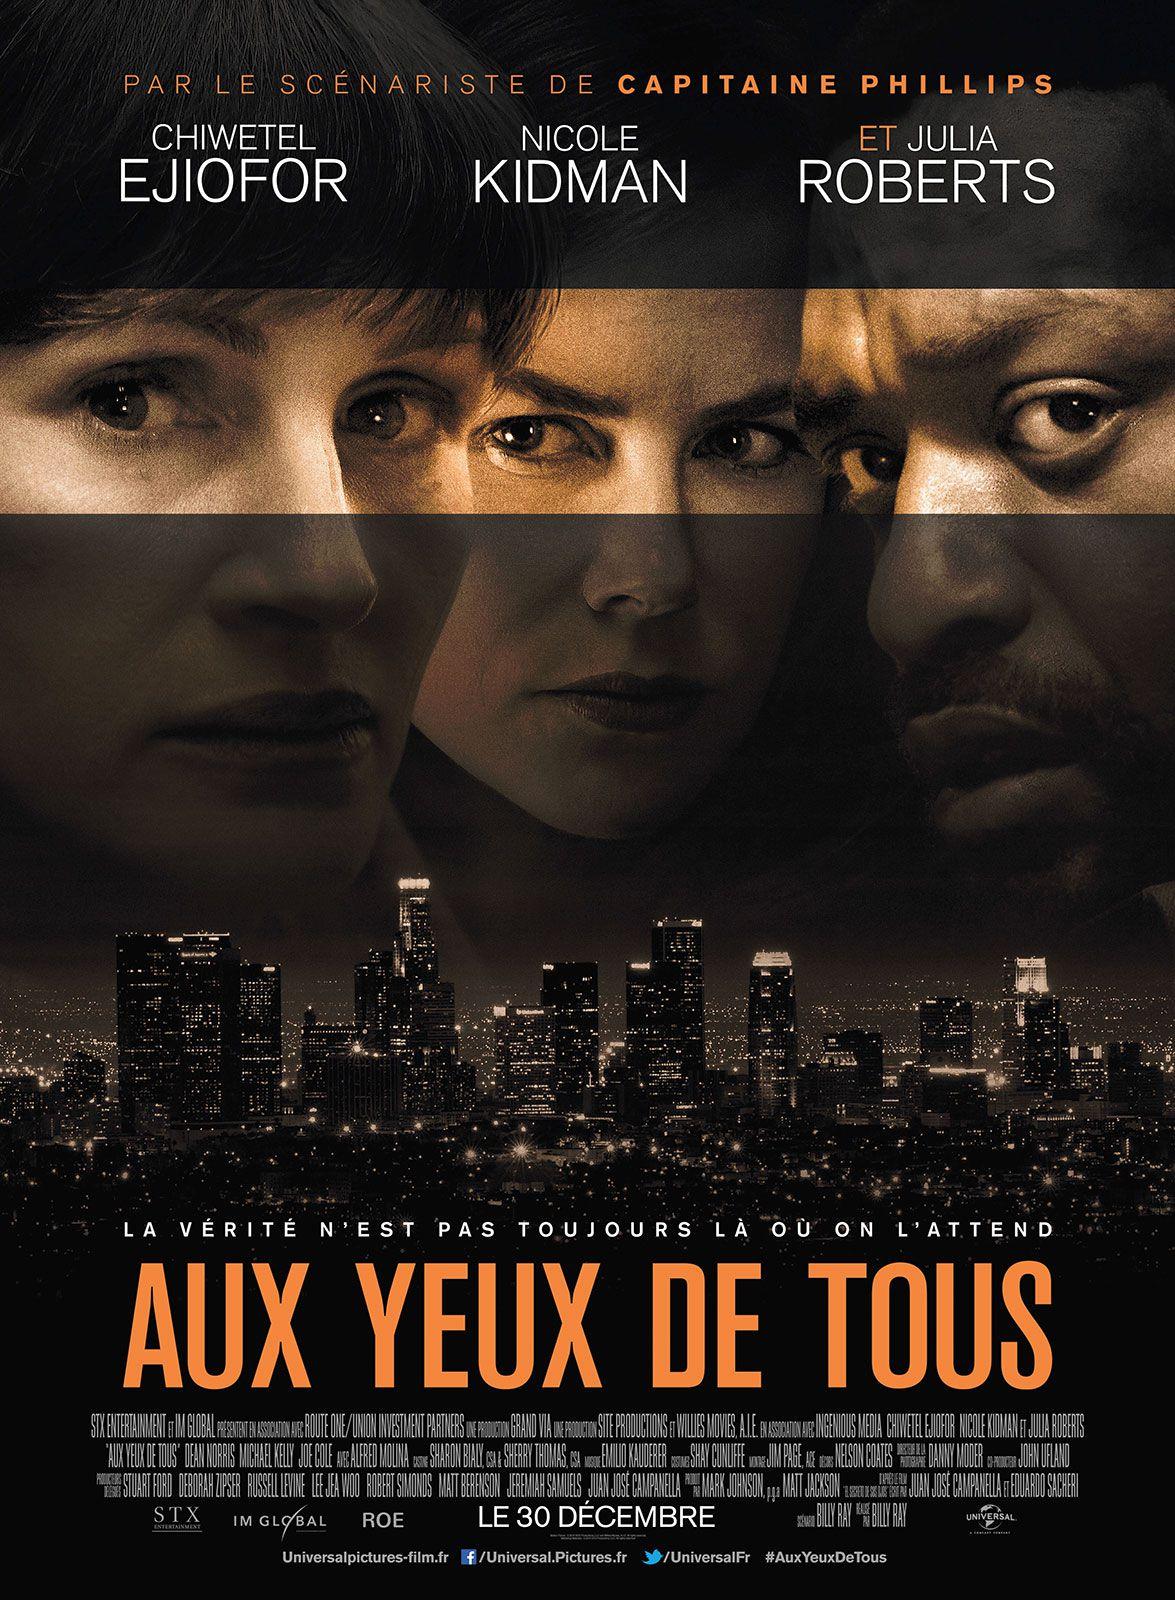 Aux yeux de tous - Film (2015)